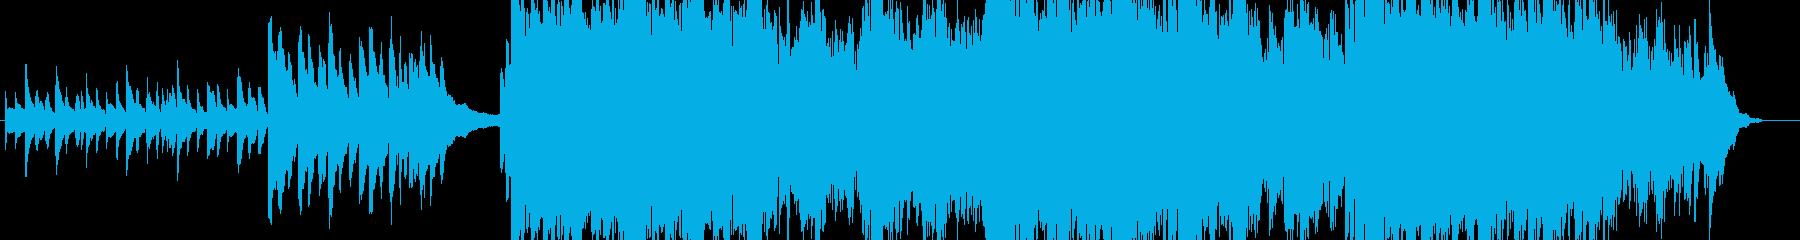 ピアノの旋律が特徴的なBGM:黄昏時の再生済みの波形